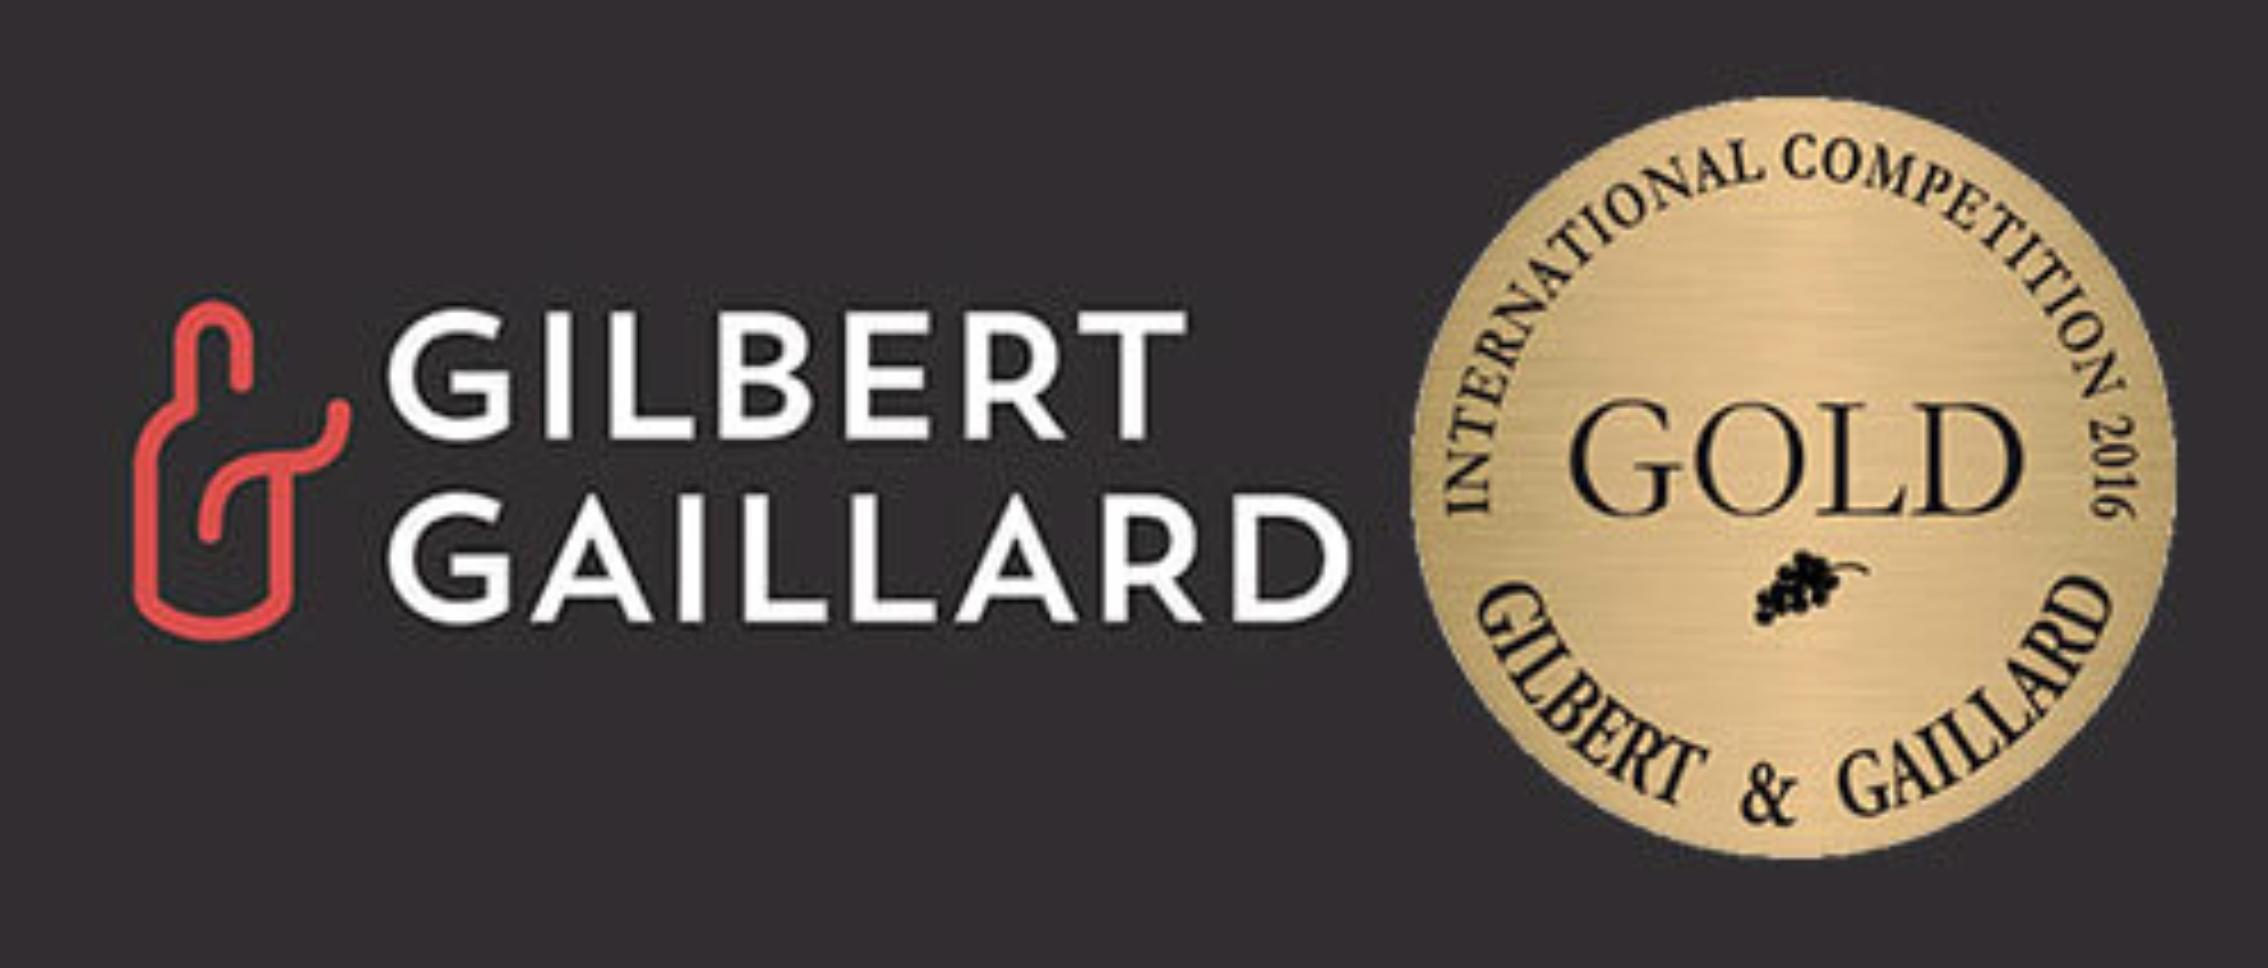 Gilbert & Gaillard 2016 - Gilbert & Gaillard 2016 Gold Medal for Onepiò Valpolicella Ripasso Classico Superiore DOC 2011